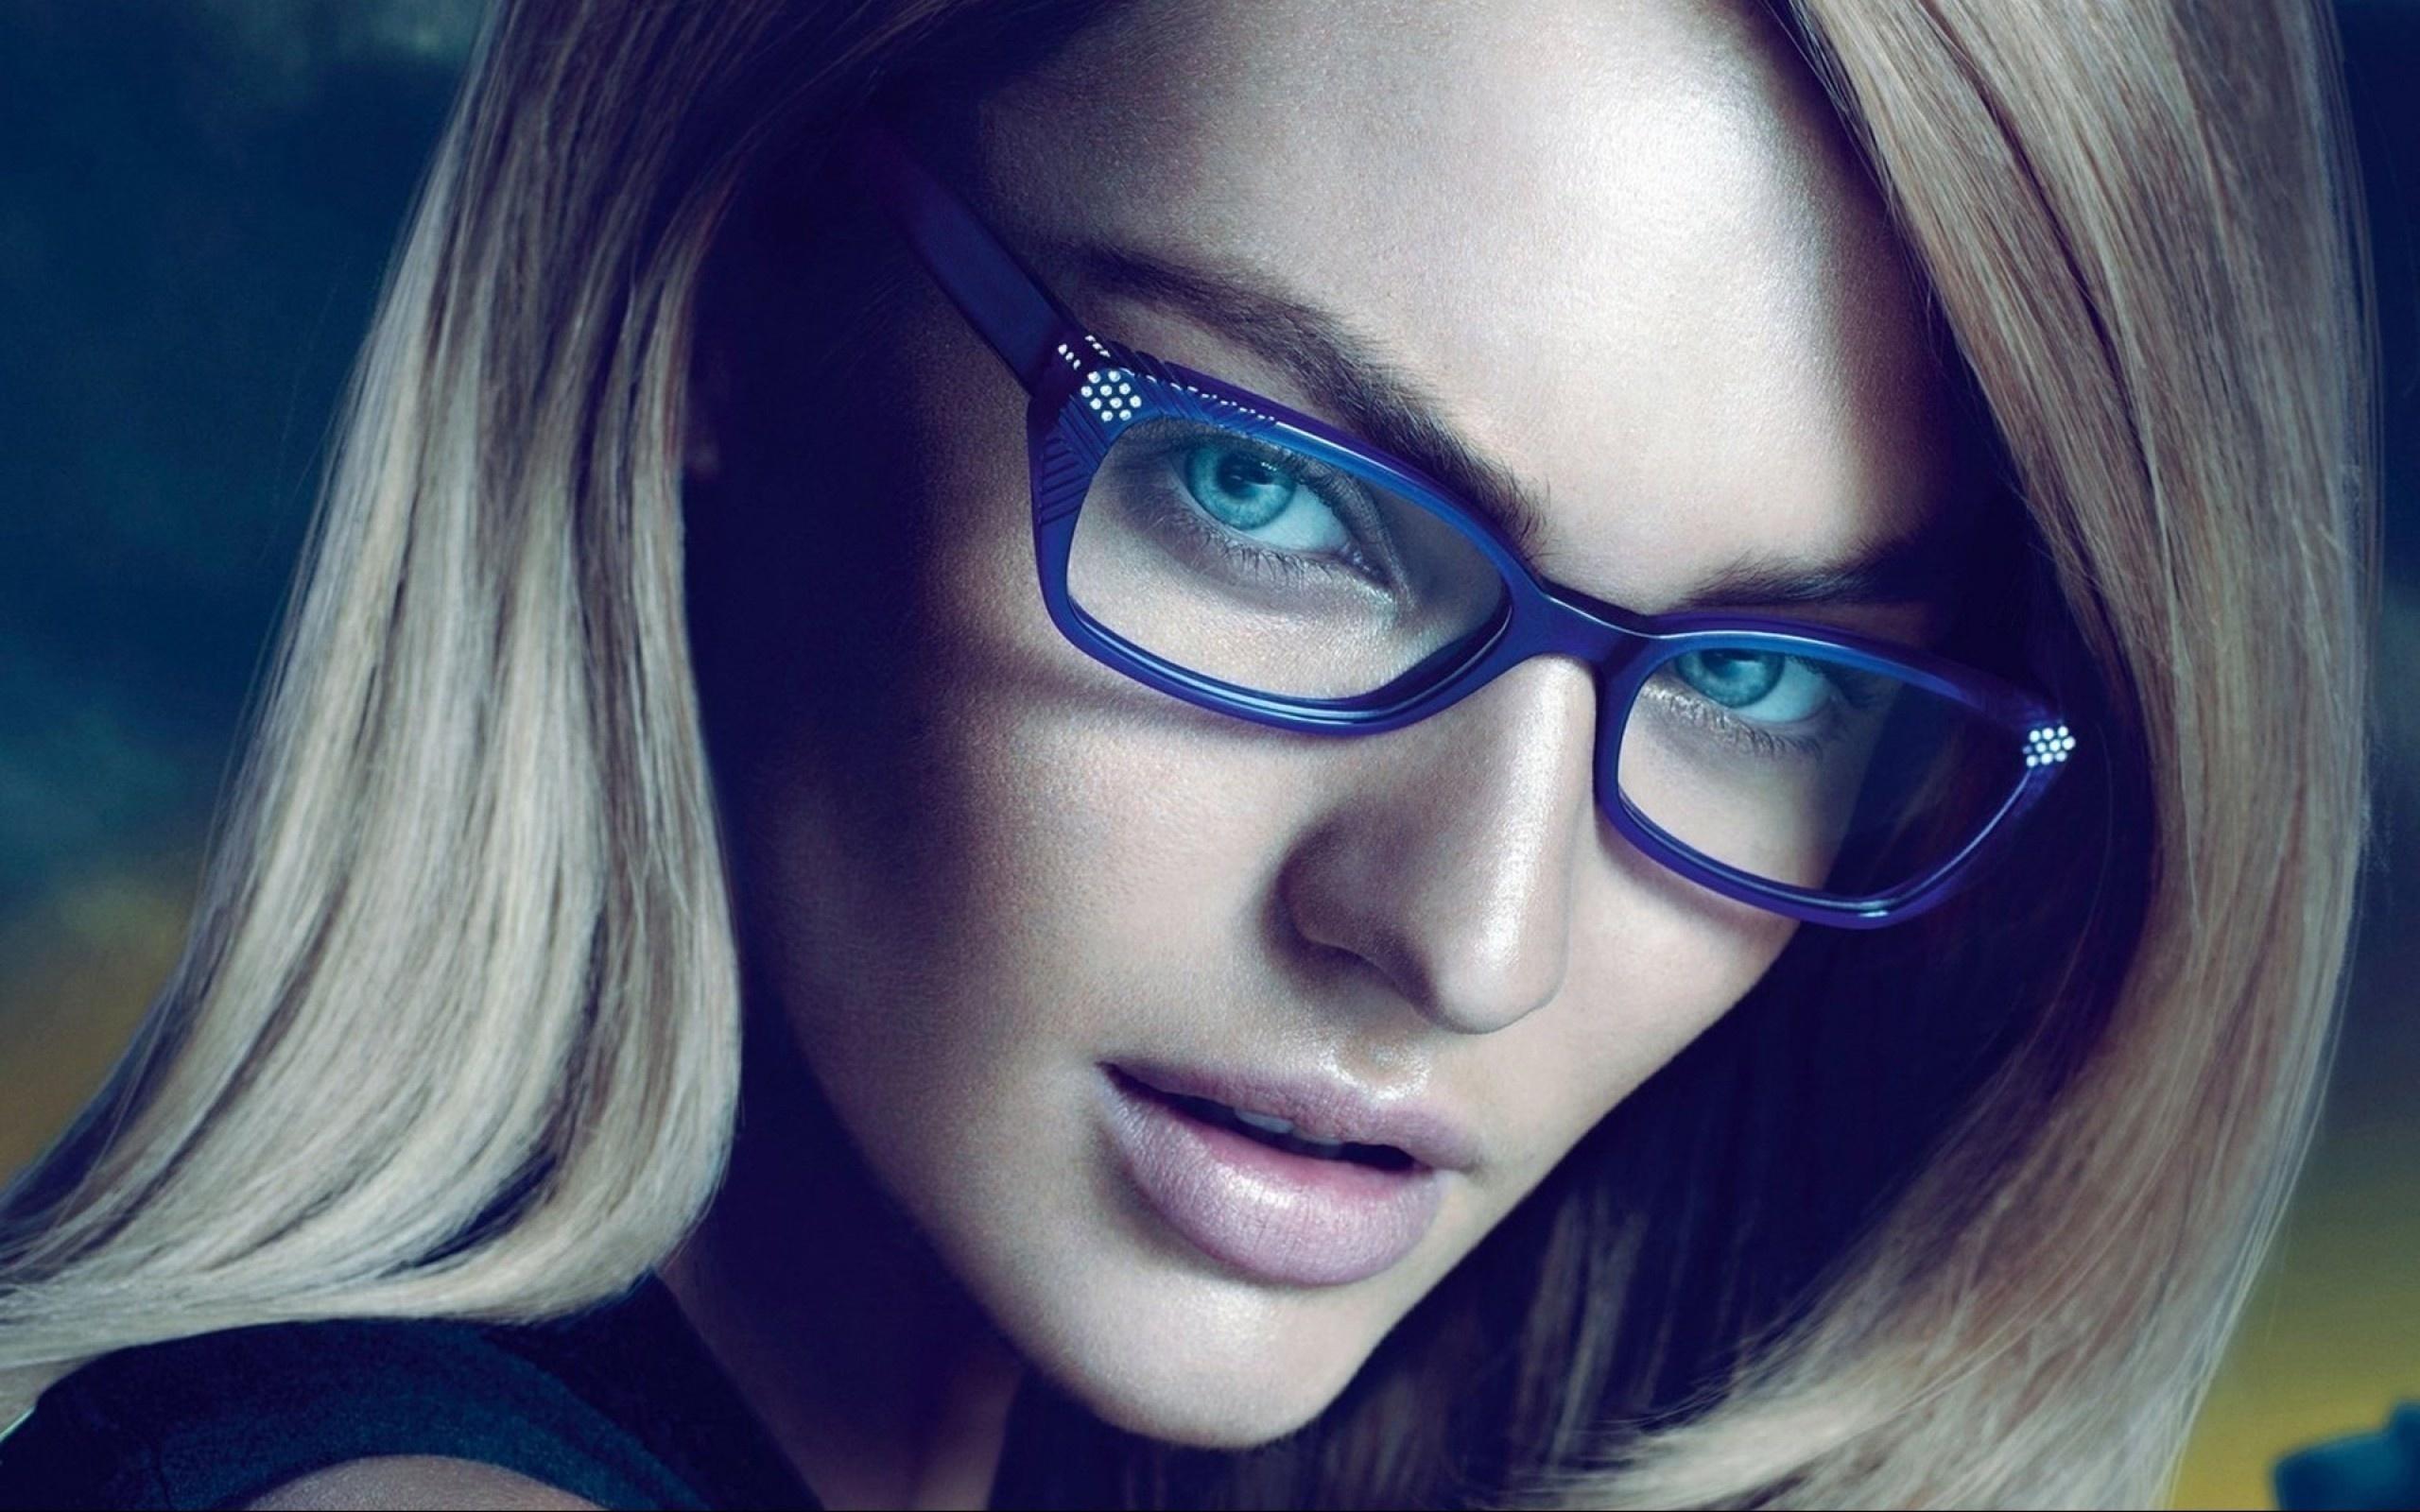 Секс с красивой в очках, В очках порно, смотреть секс с девушками в Очках 24 фотография